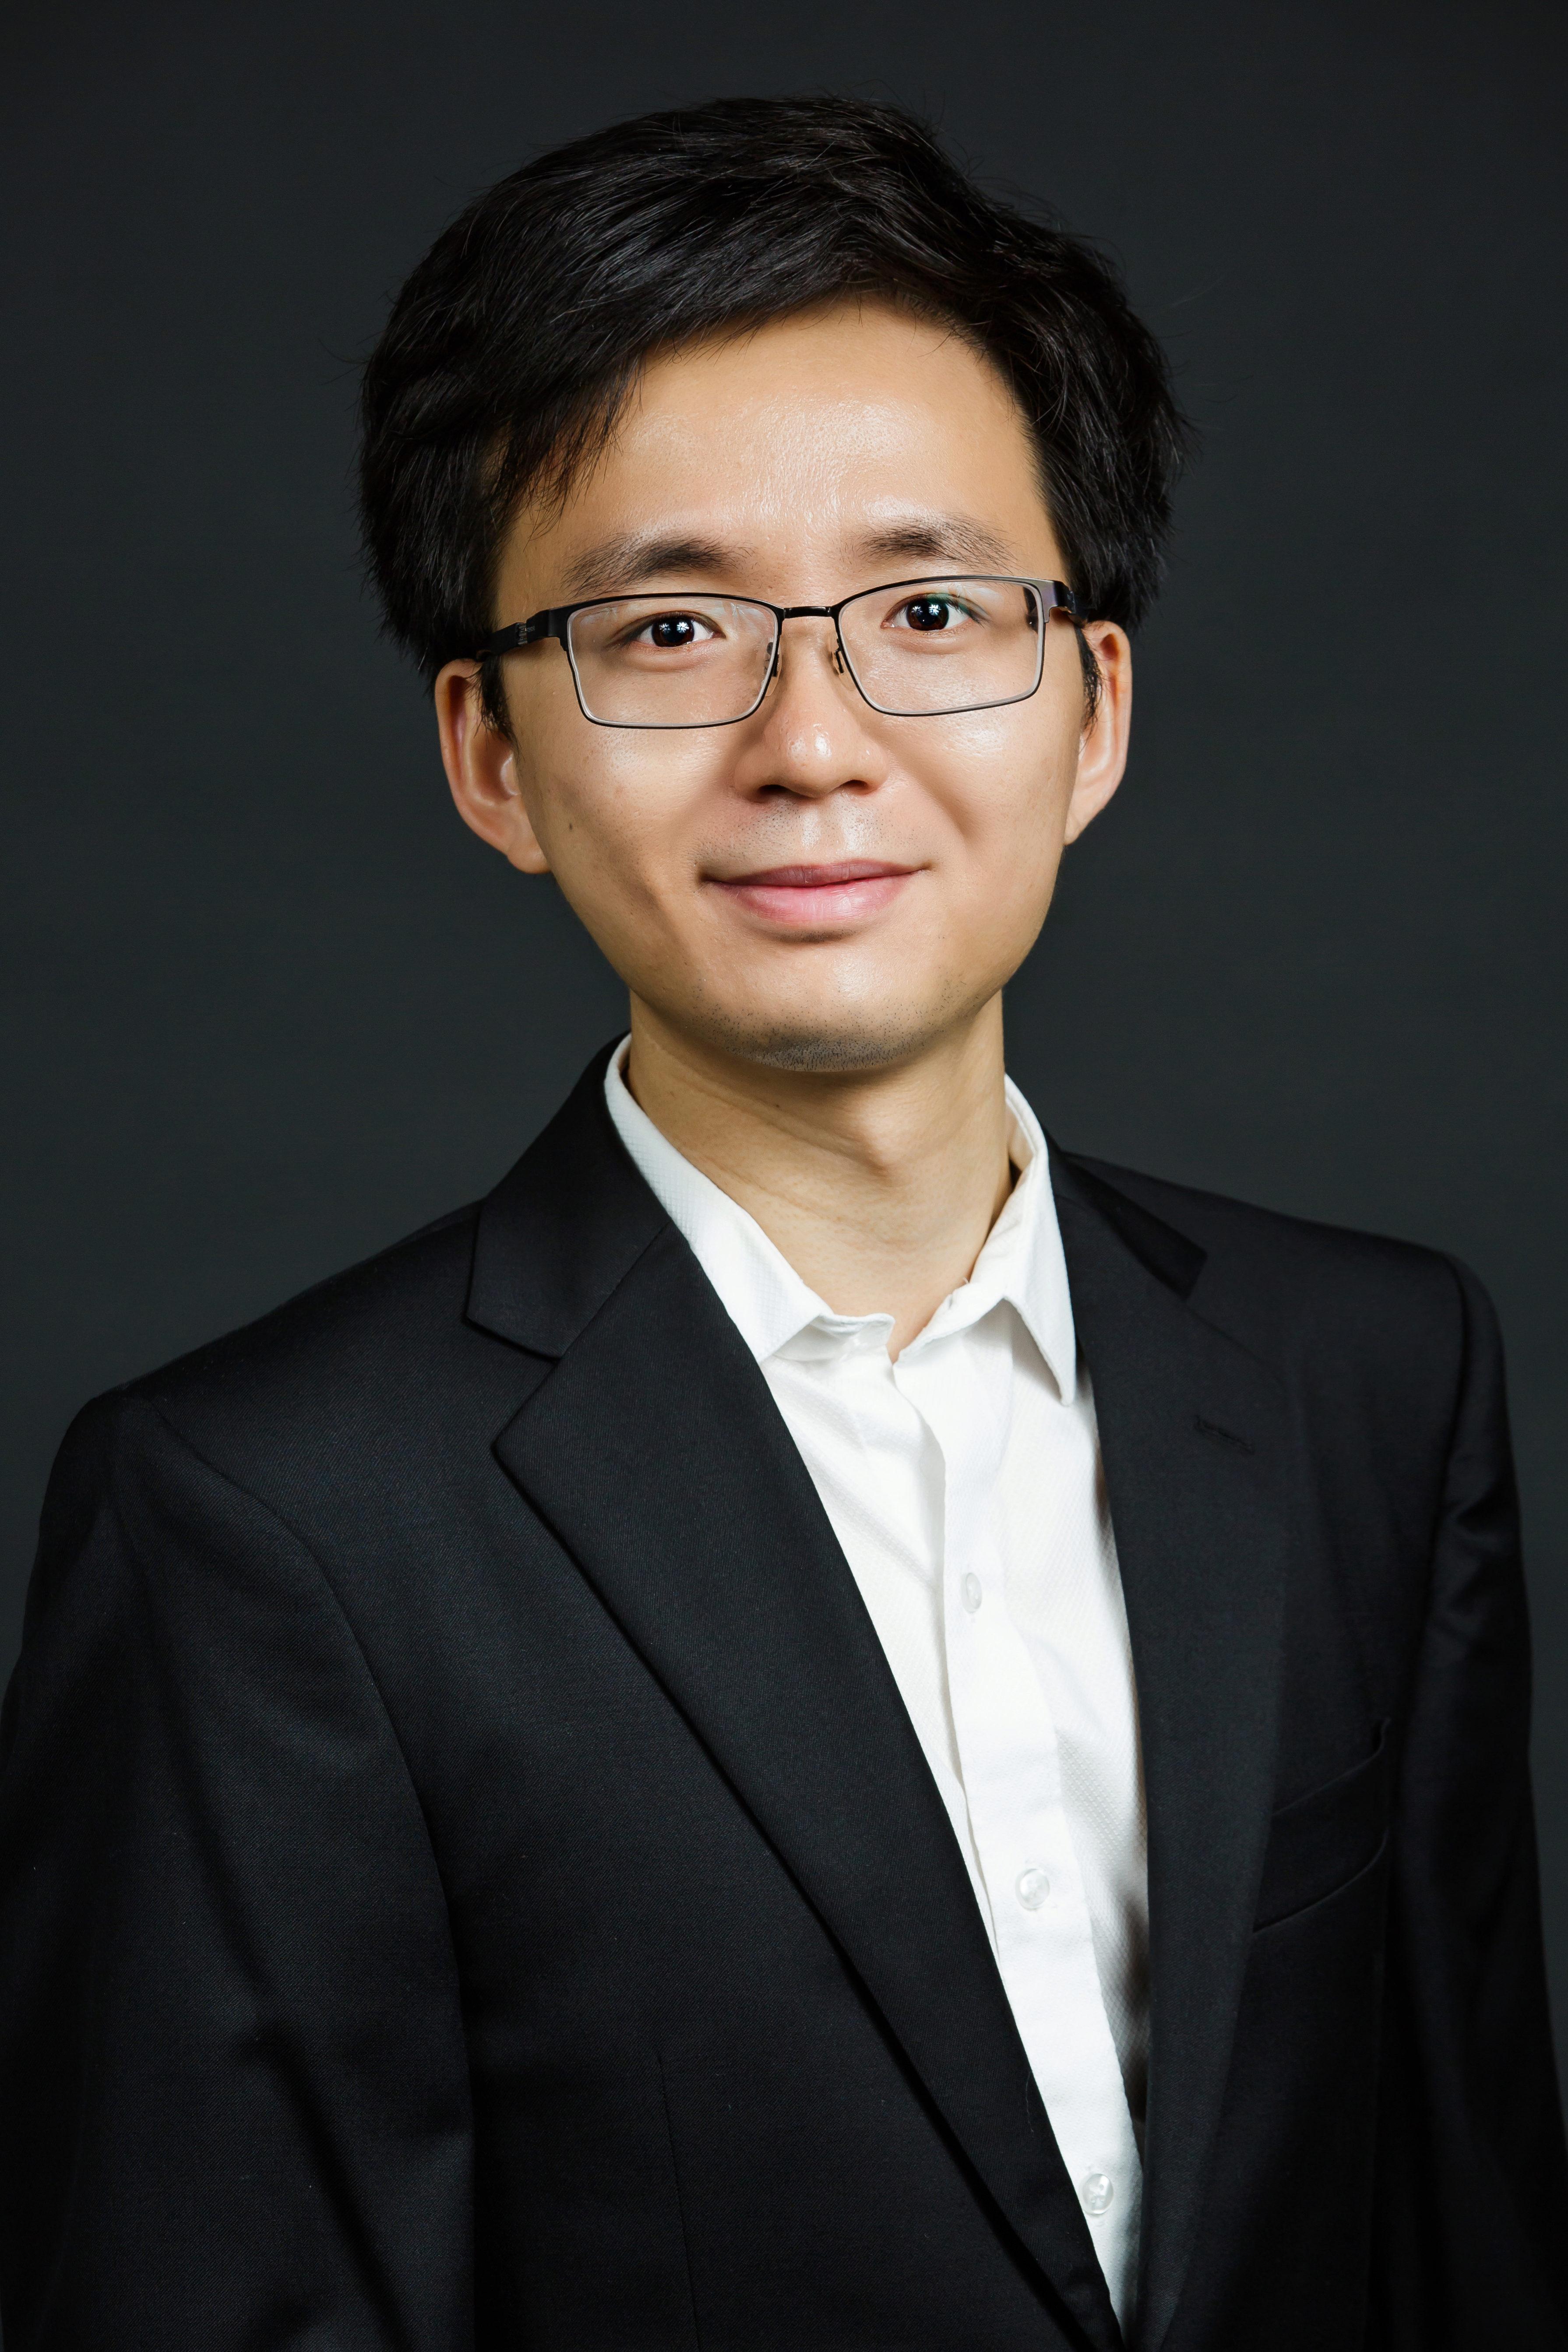 Yihao Yuan